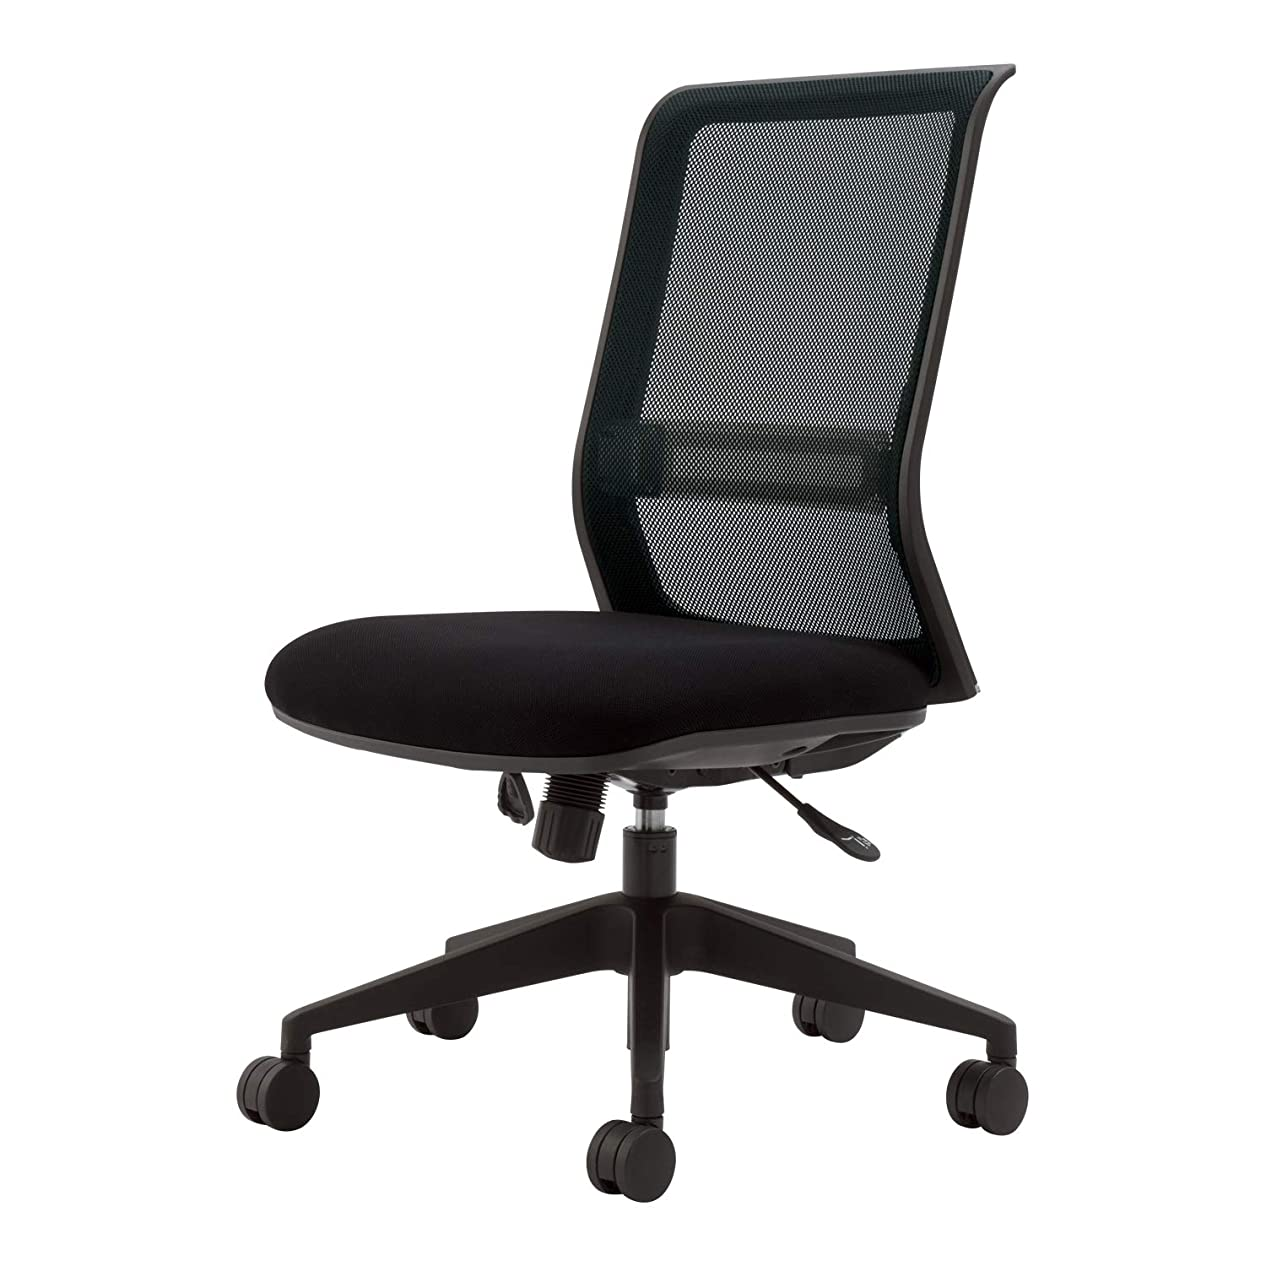 コクヨ オフィスチェア エントリー CR-BK9000BKD-W メッシュタイプ ブラックフレーム 樹脂脚 ブラック